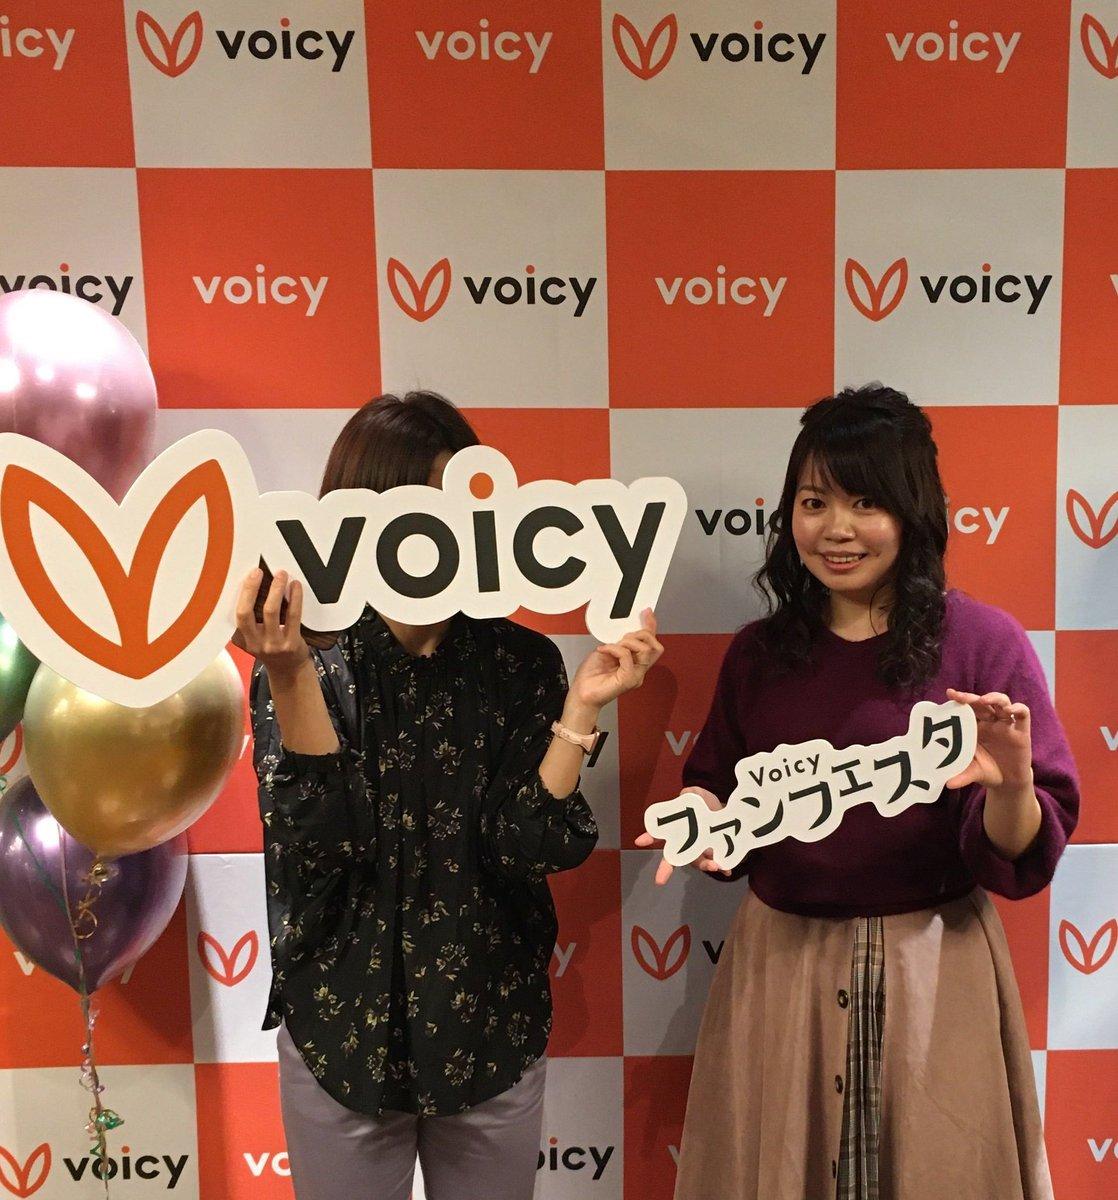 ✨まもなく #Voicyファンフェスタ 出演✨『#つれづれあやにー』 あやにーさん @ayanie_jp『ワーママはるラジオ』 ワーママはるさん @wa_mamaharuが、これから登場します!お二人の熱いトークをお見逃しなく!#Voicy